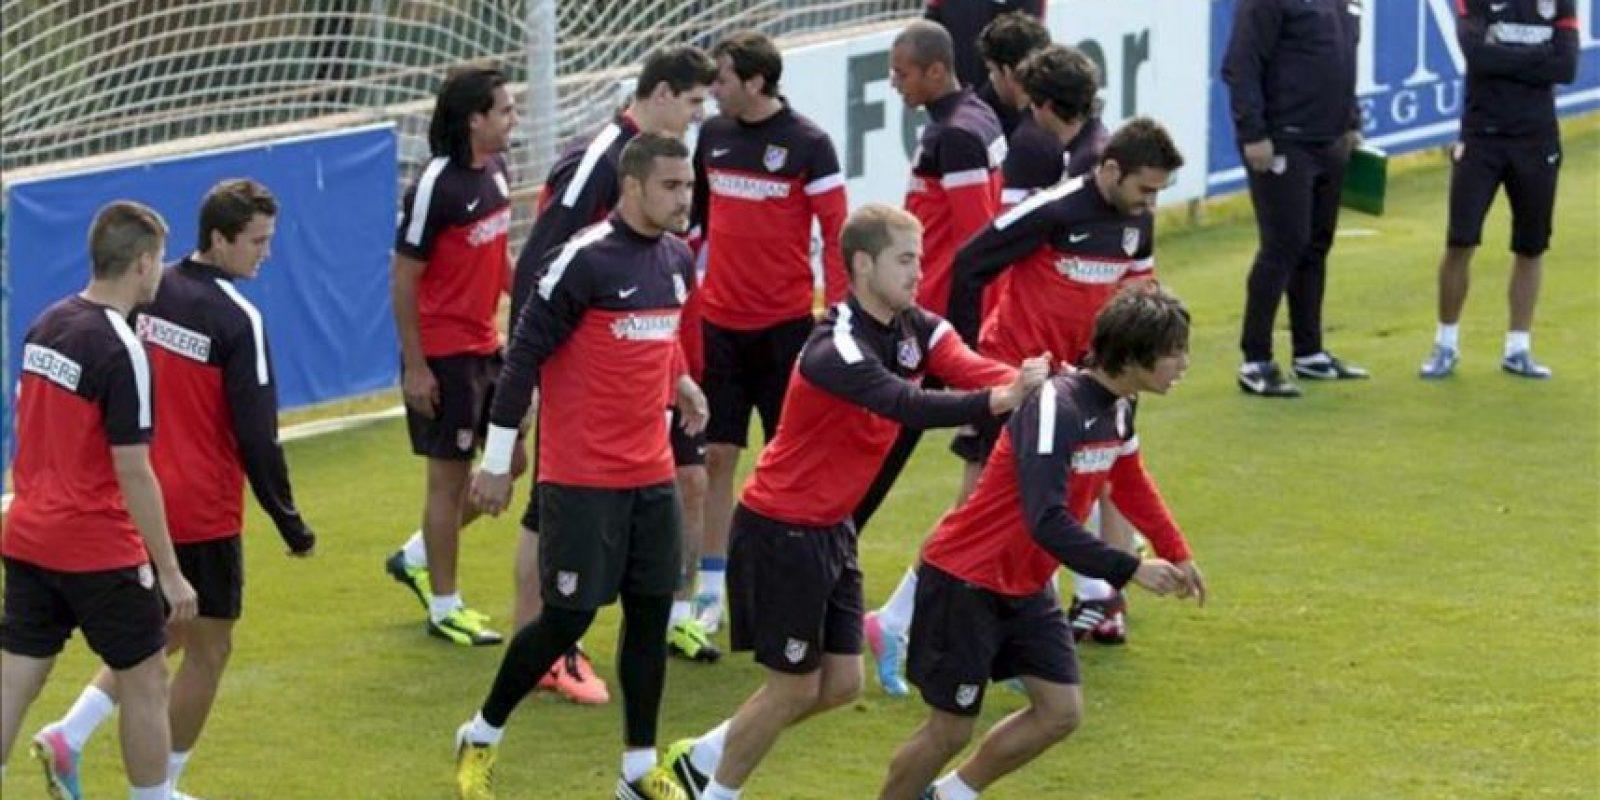 Los jugadores del Atlético de Madrid, durante el entrenamiento del equipo en las instalaciones del Cerro del Espino en Majadahonda de cara al partido que les enfrenta al Zaragoza el próximo sábado en el estadio de La Romareda. EFE